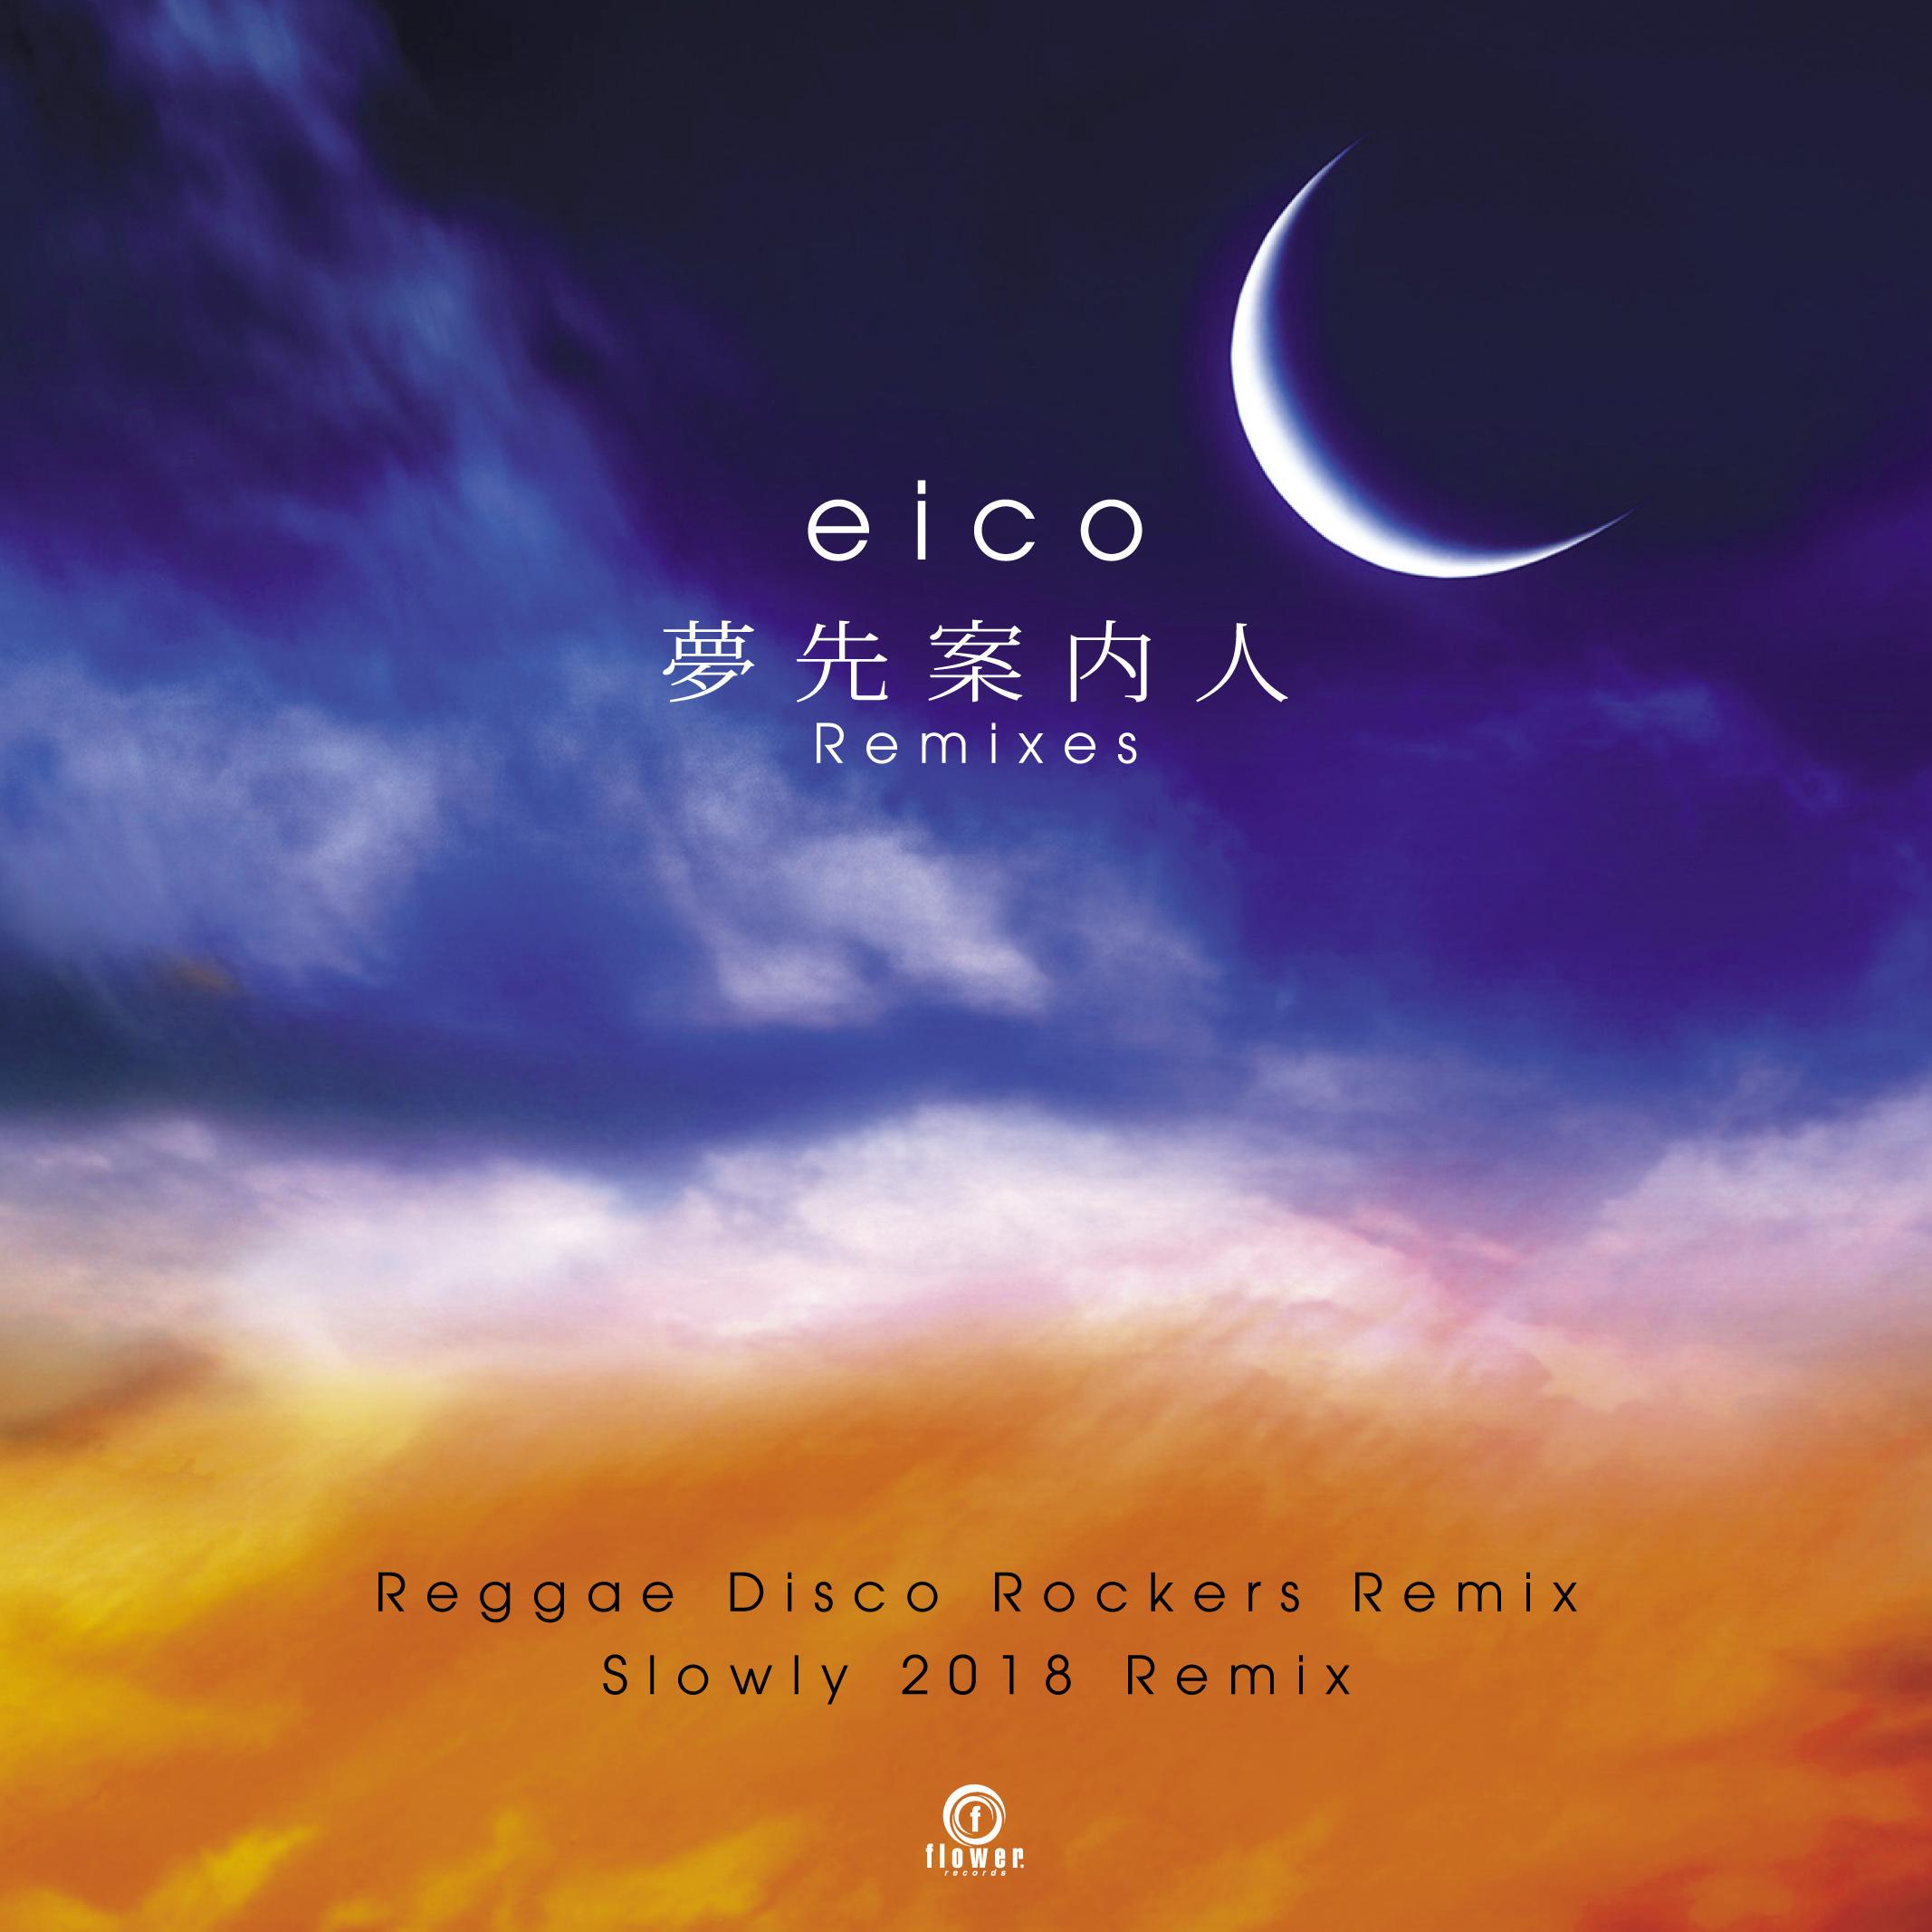 010_eico夢先案内人 Remixes